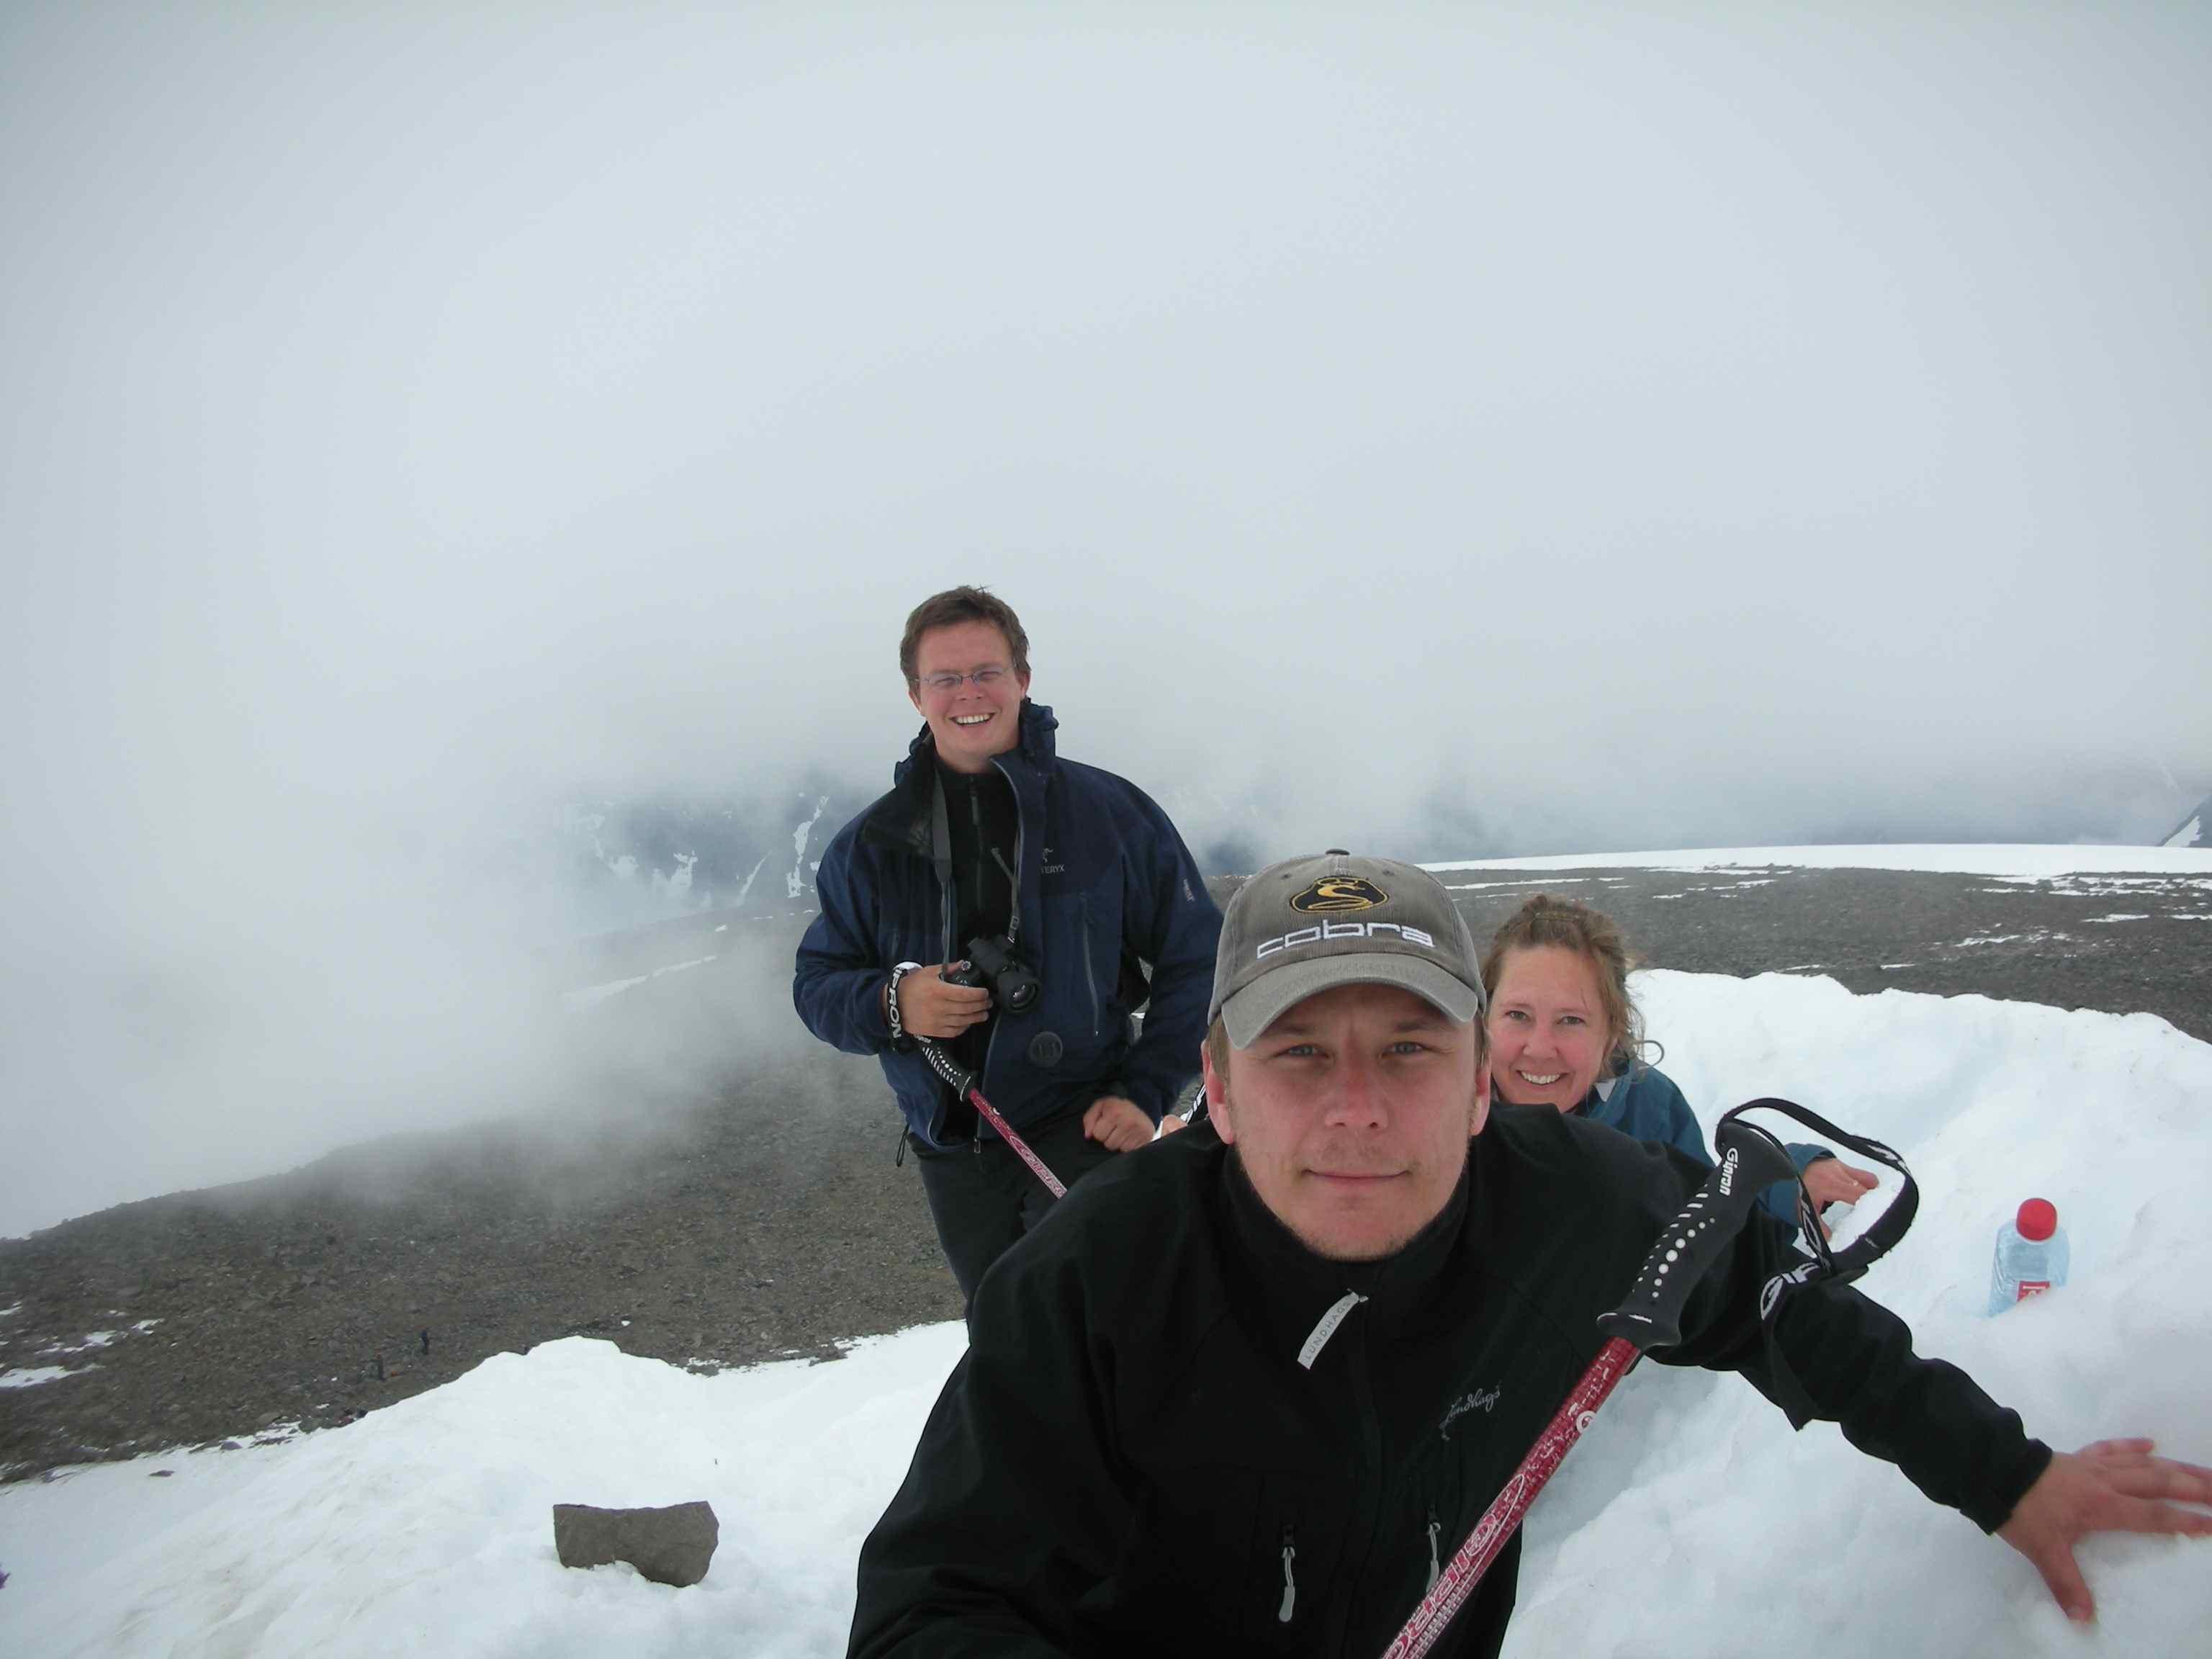 På toppen av Keb med Alex och Erik